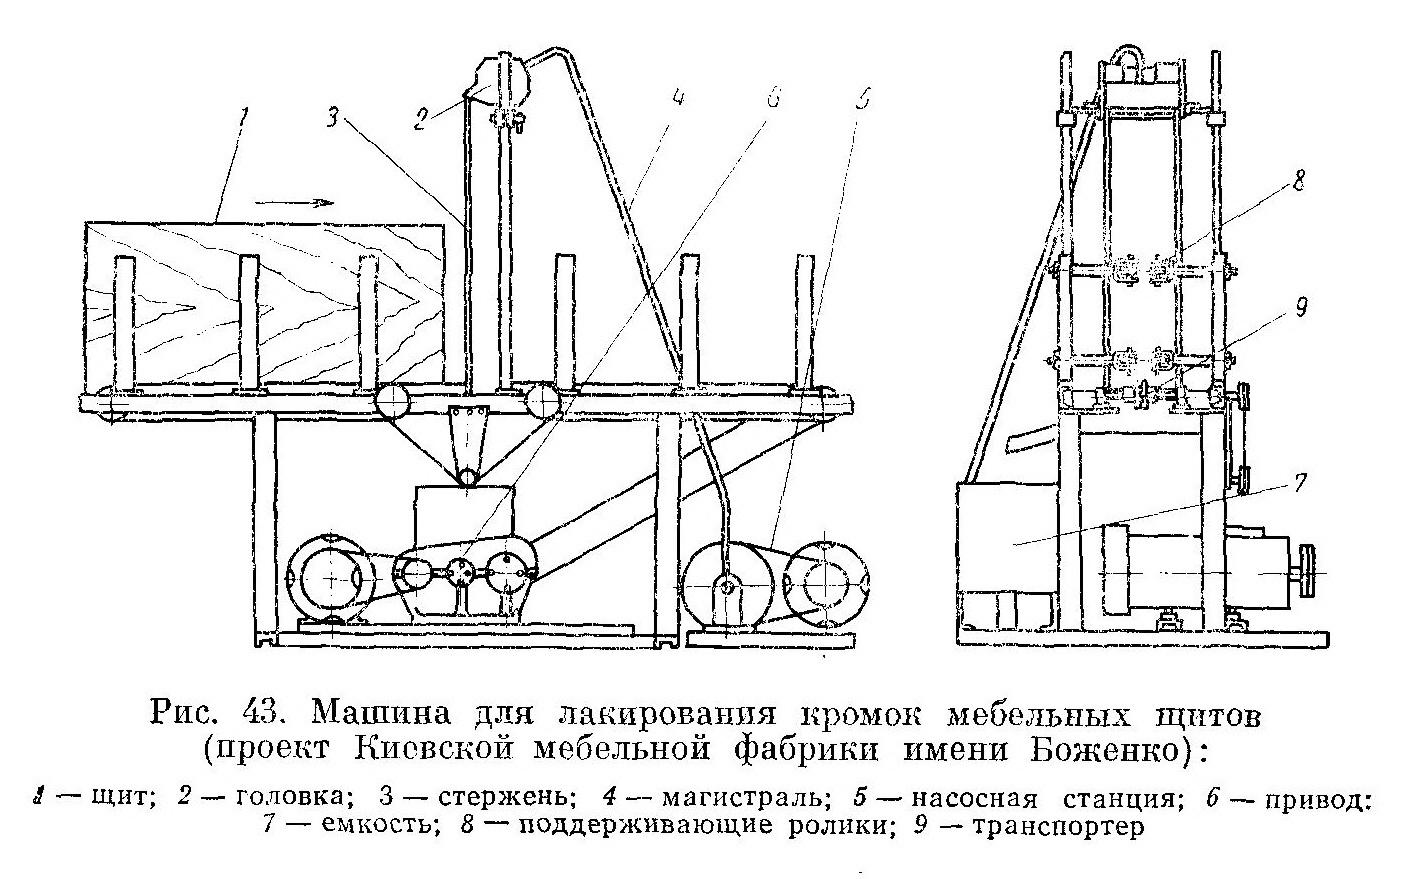 машины, эксплуатируемые на мебельных предприятиях Украины - Разное фото